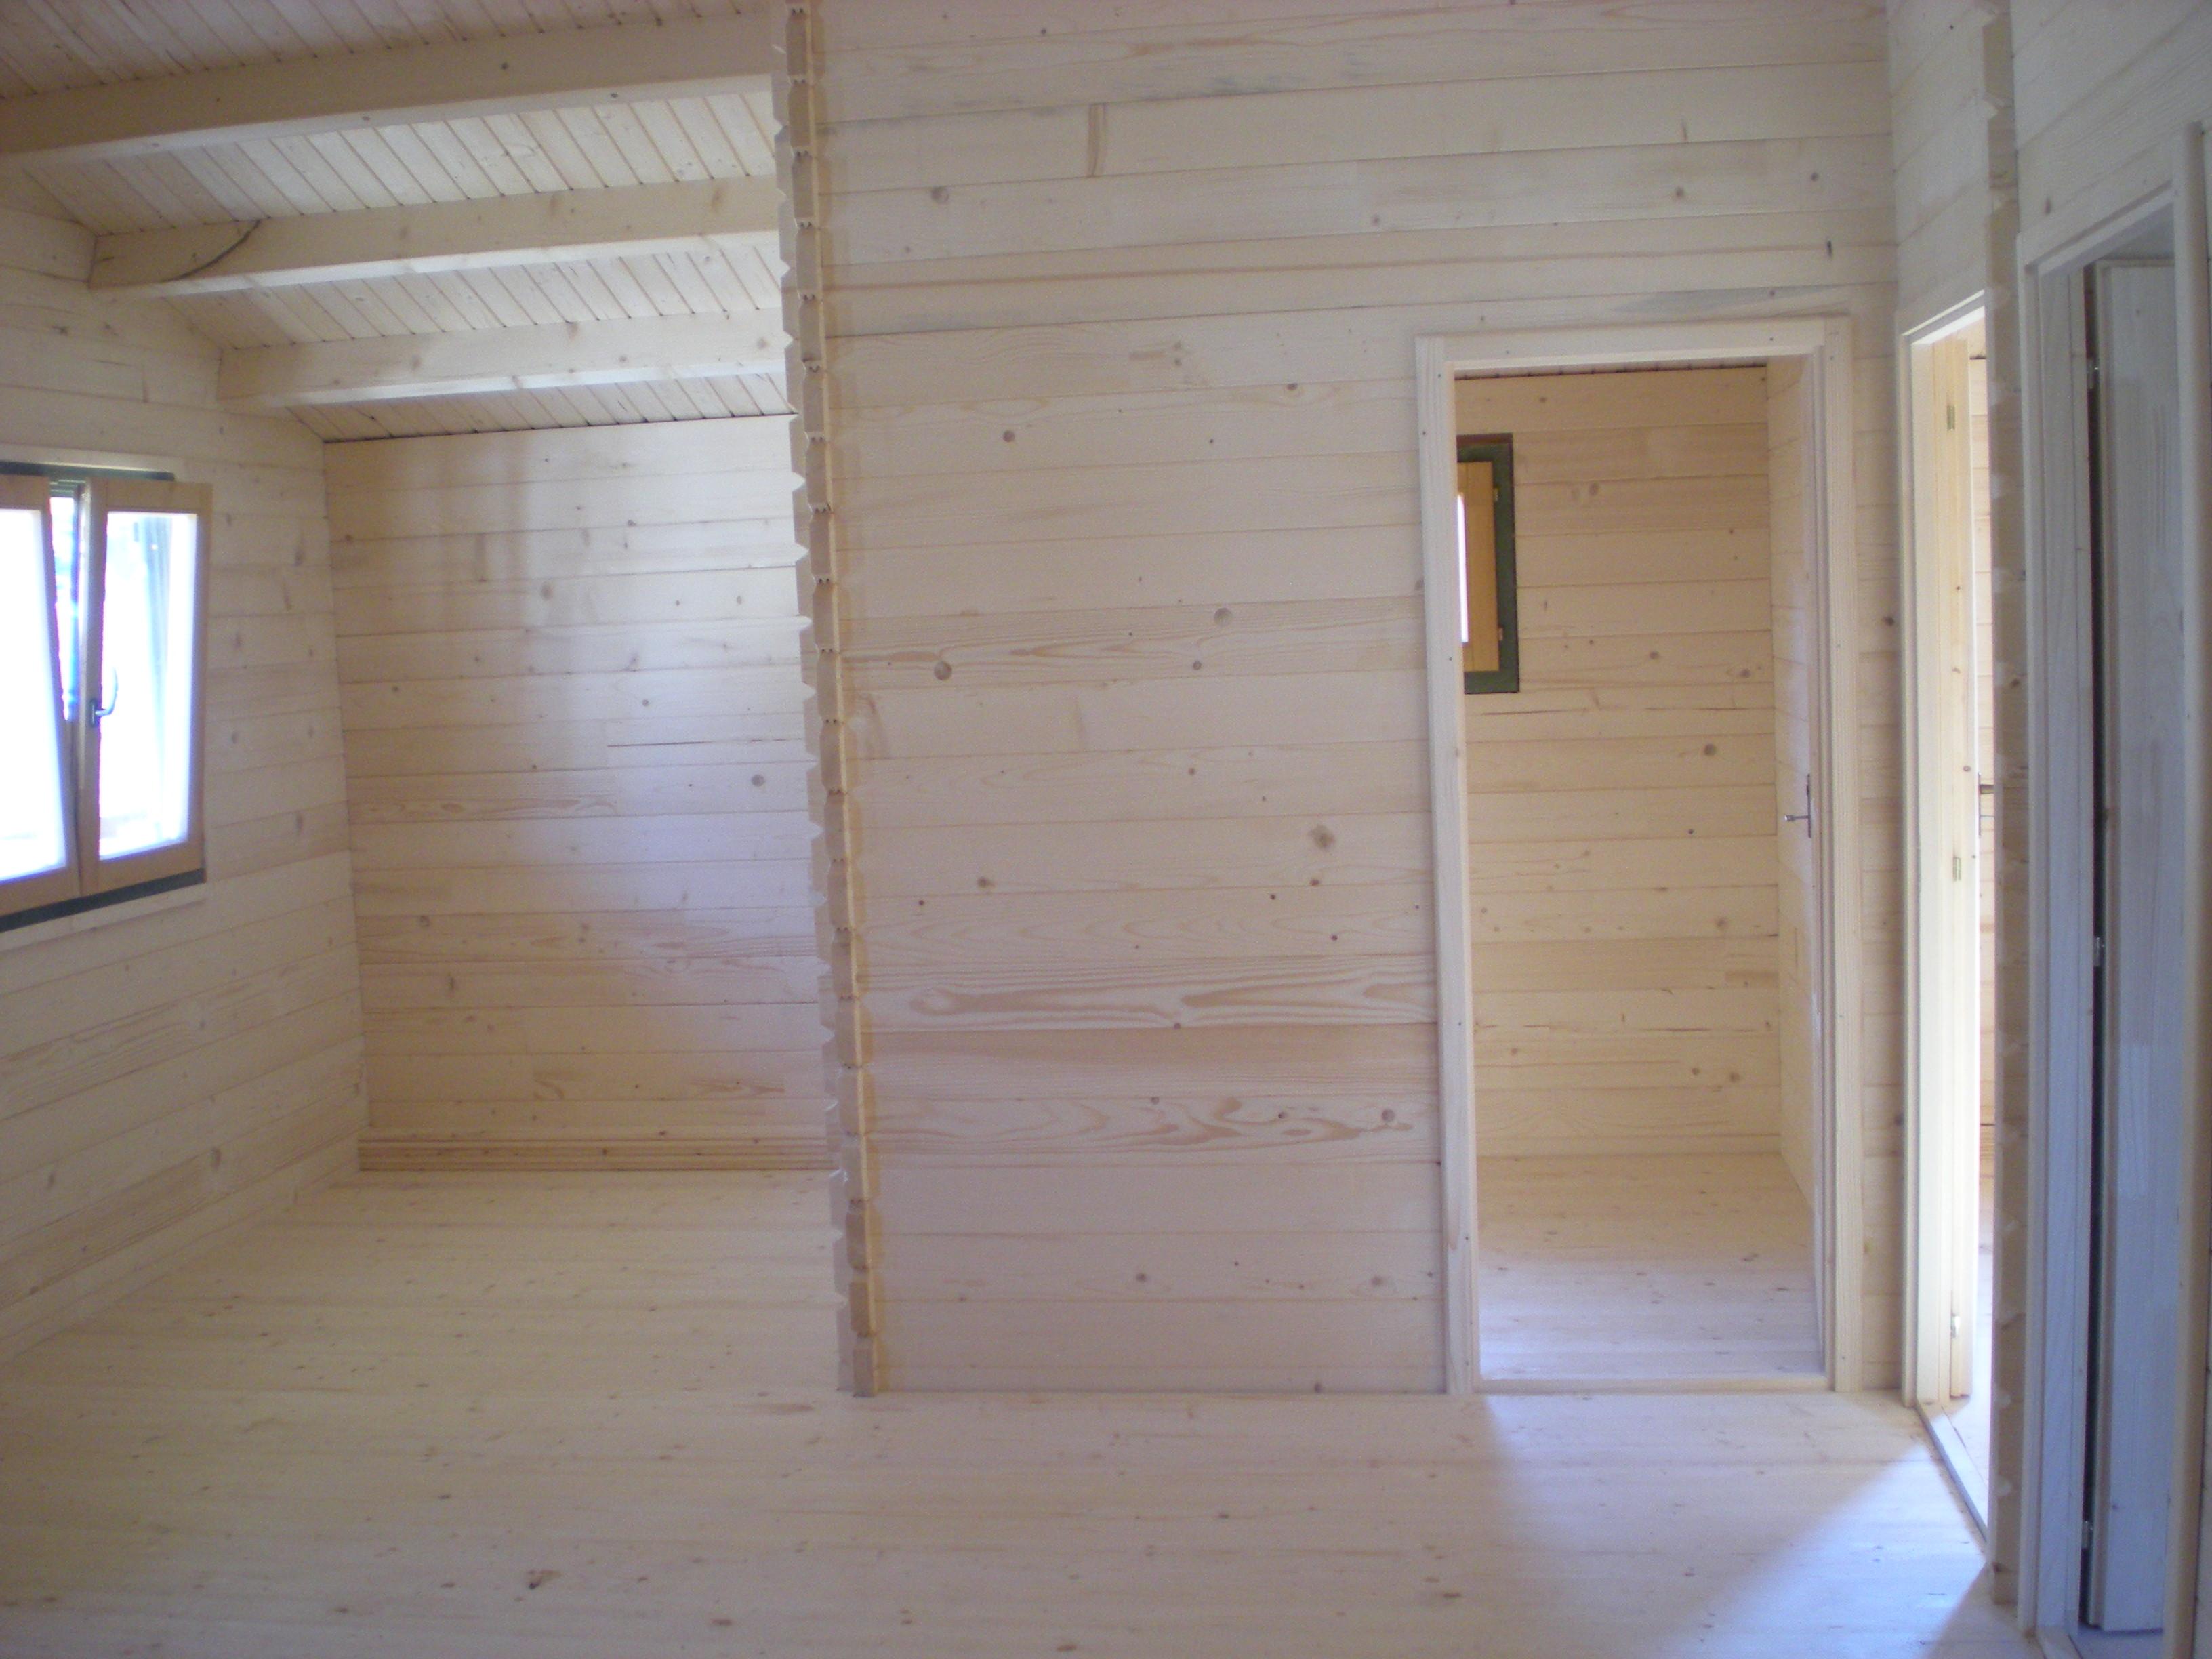 Divisori In Legno Interni casette in legno di abete 7x9 mt. - case in legno – casette